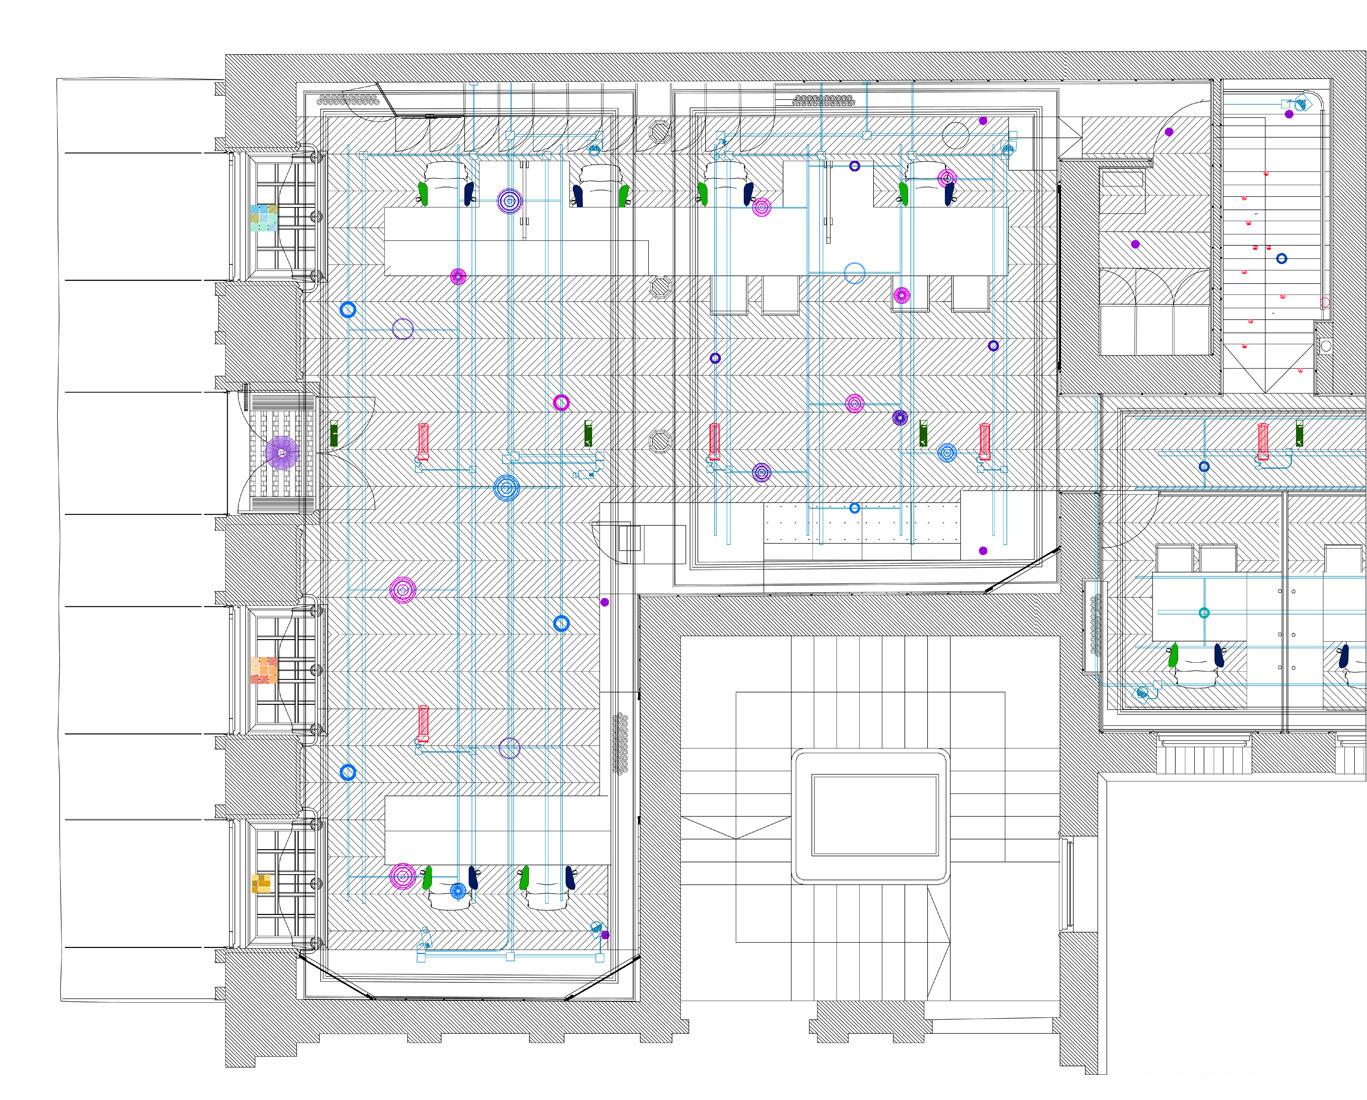 Arquitectos en madrid finest edificio de viviendas madrid - Caja arquitectos madrid ...